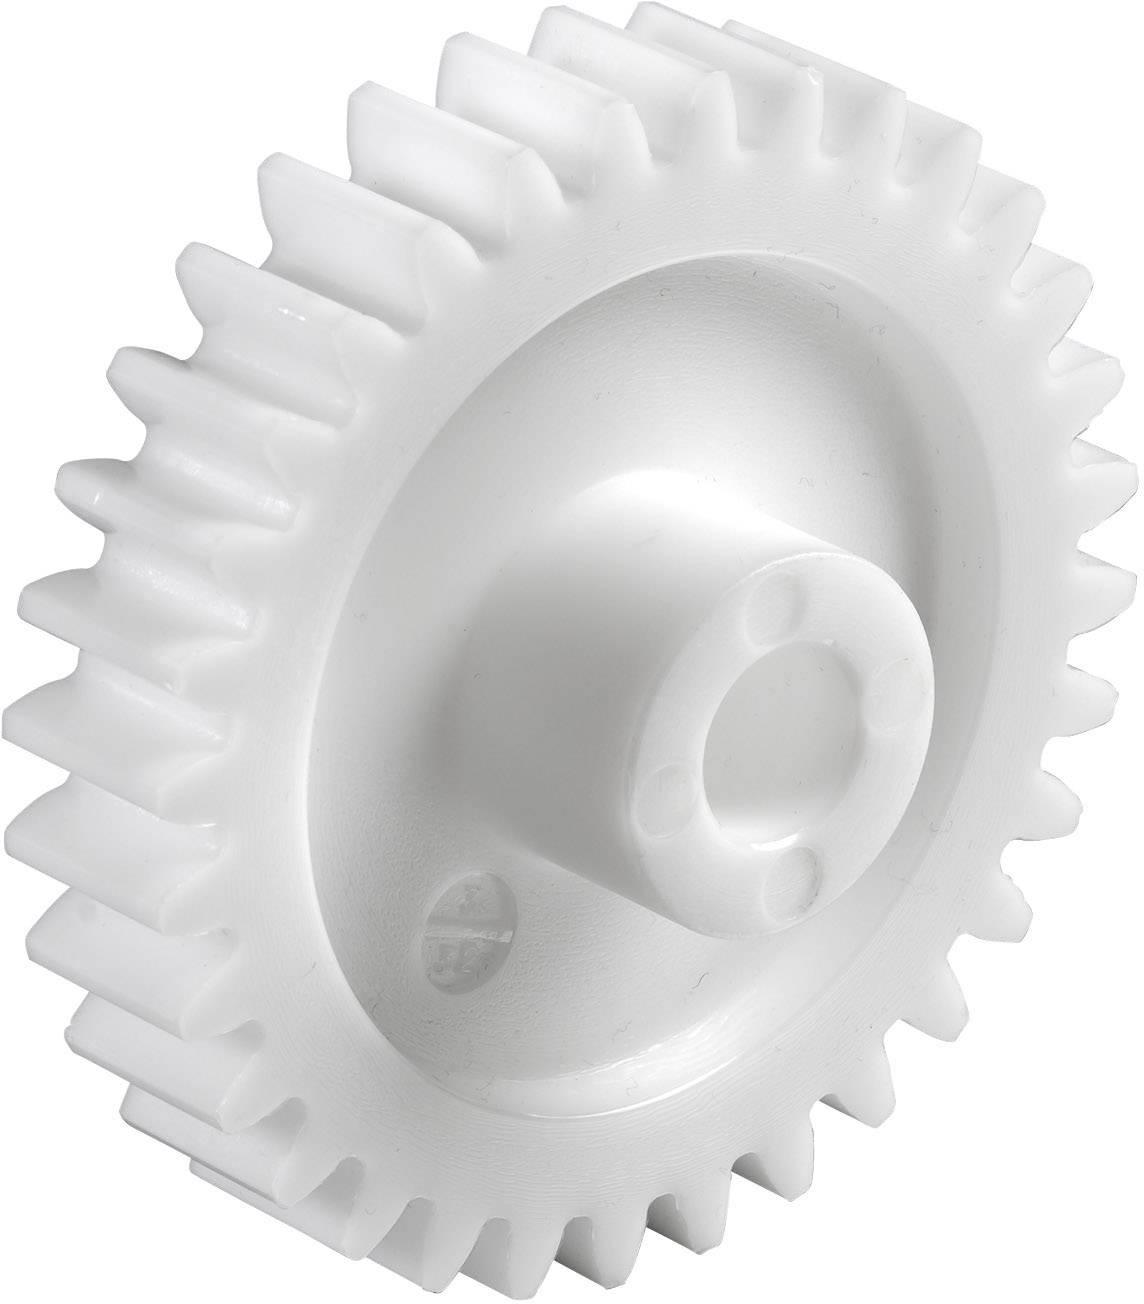 Stirnzahnräder aus Kunststoff Modul 2,0-32 Zähne